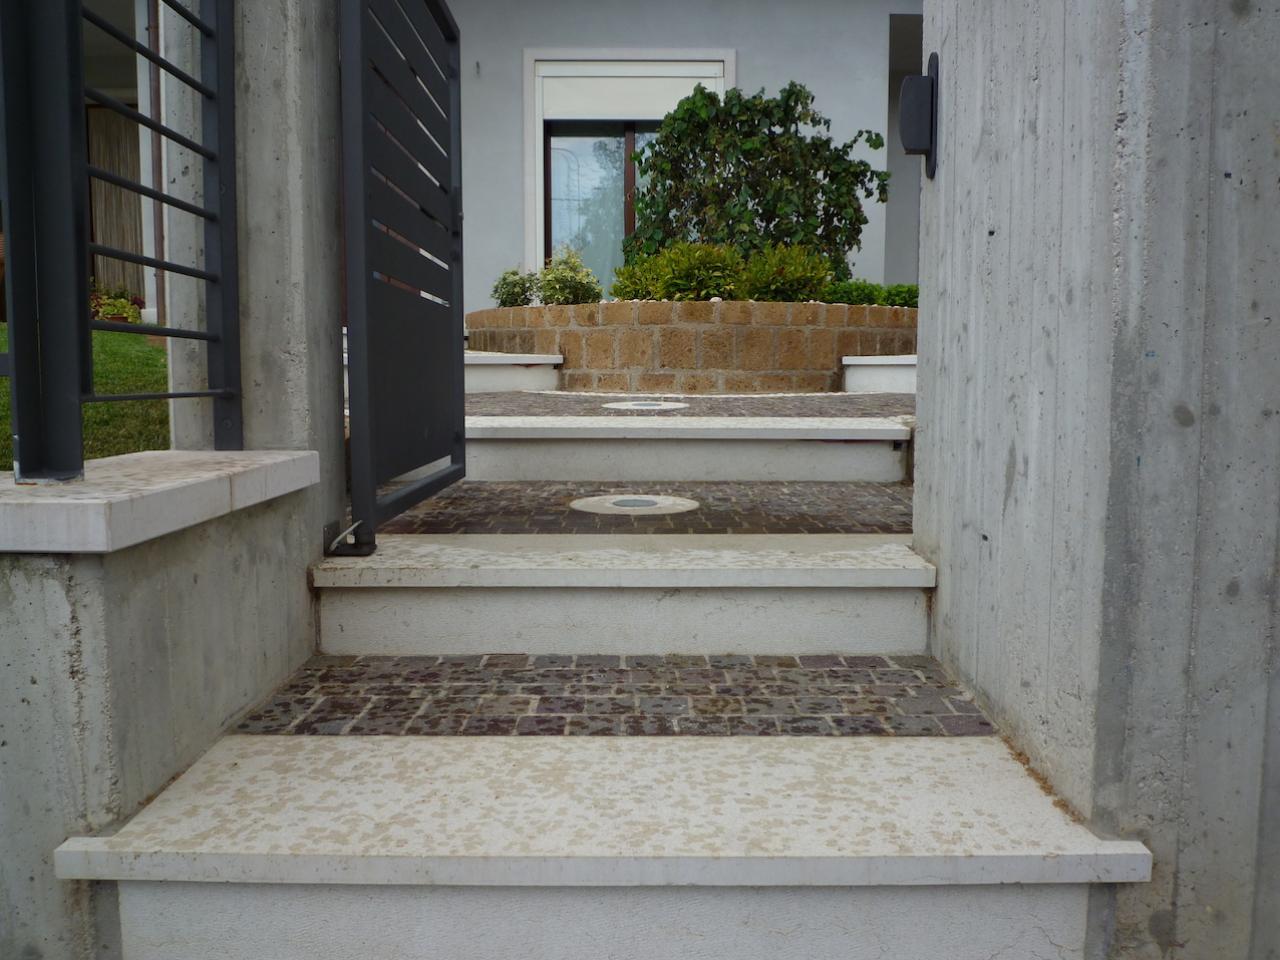 Ingresso Casa Esterno In Pietra pavimento di ingresso esterno di case in pietra, porfido e